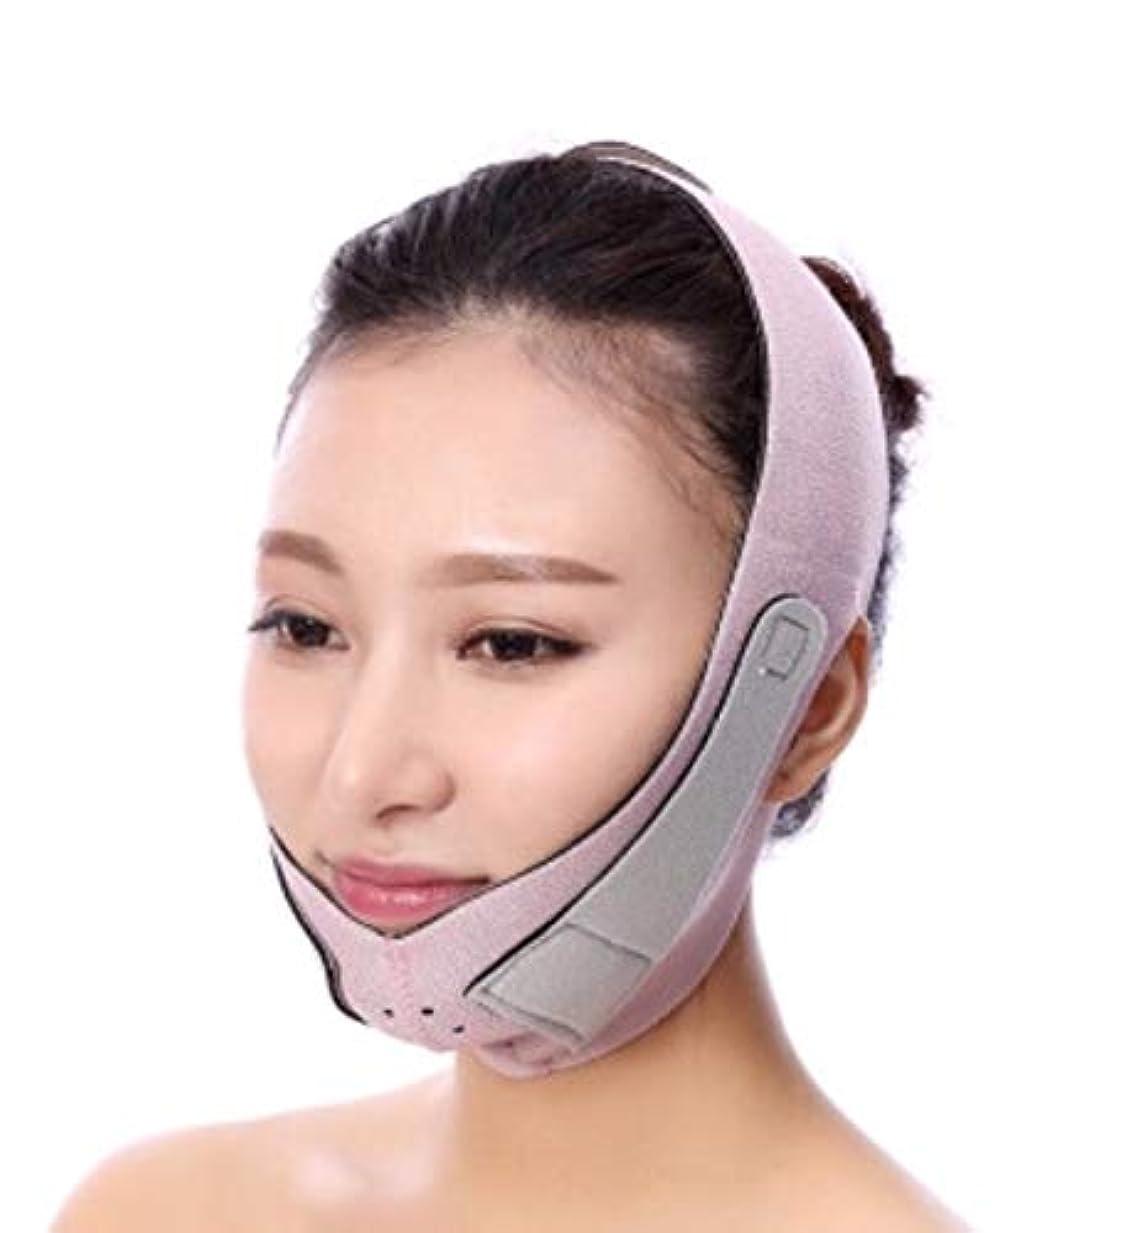 呼び出す期待して検証Trust Contact リフトアップベルト 小顔マスク 矯正 小顔 リフトアップ フェイス 顔痩せ マスク